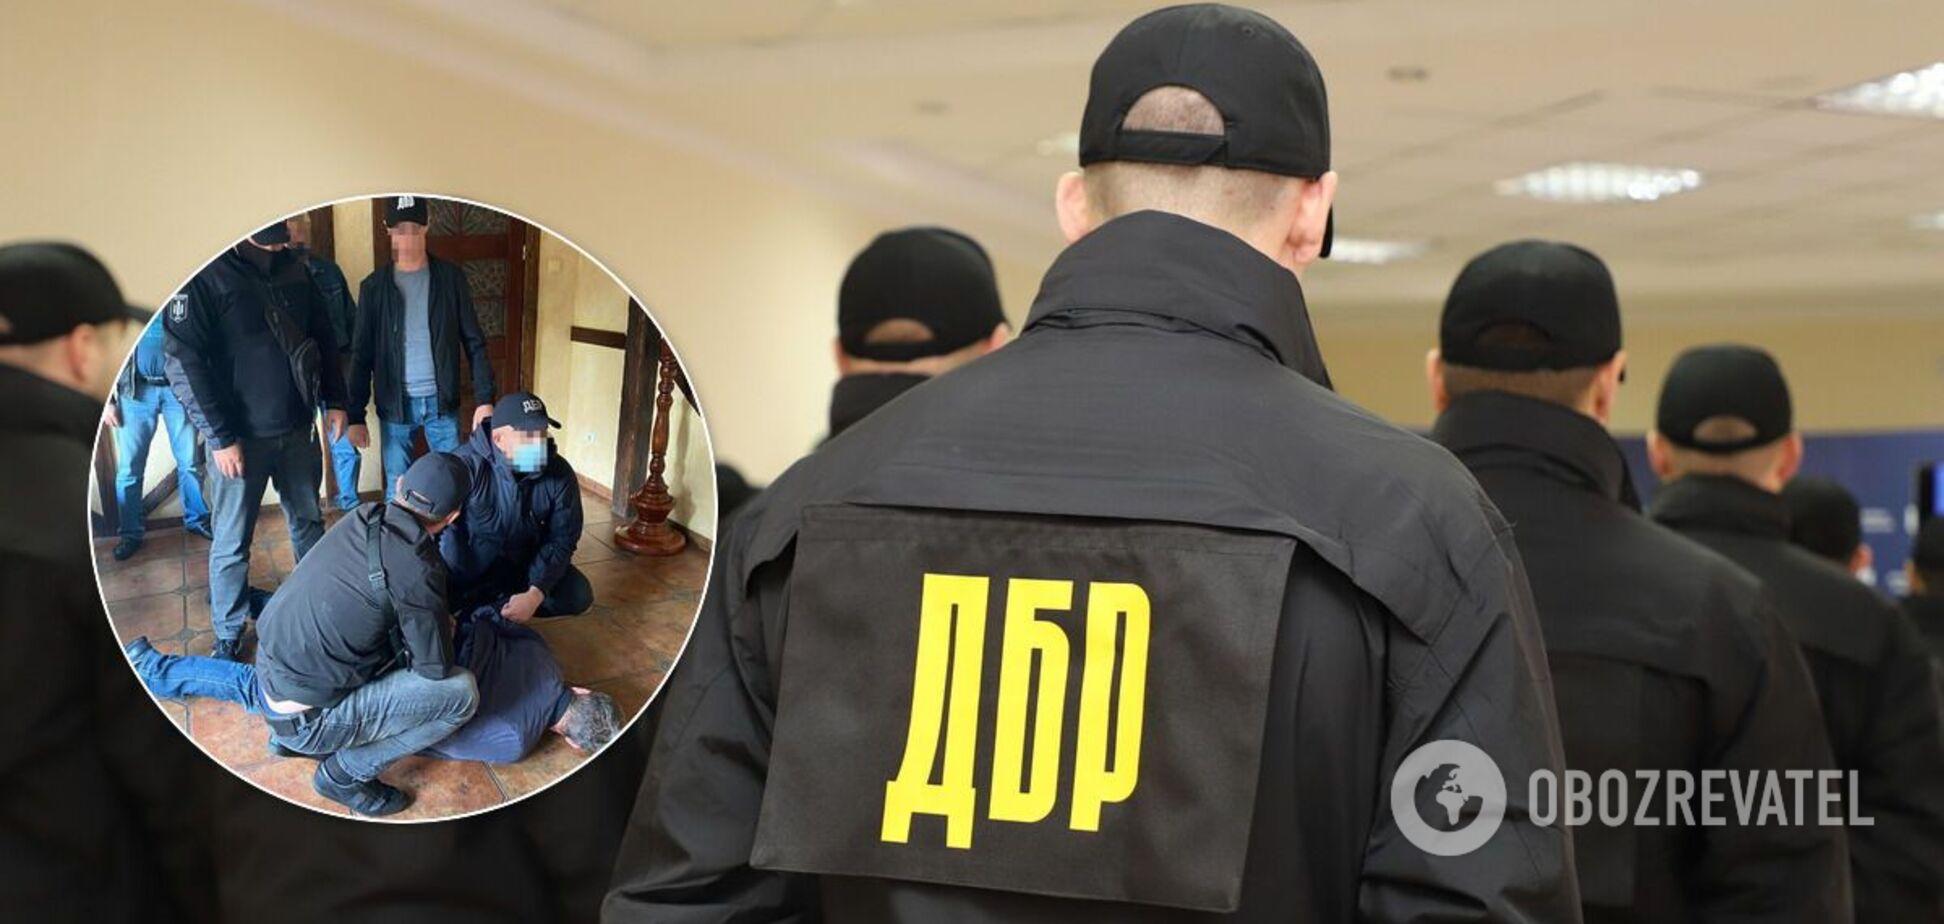 ГБР задержало мужчину, который шантажировал следователя бюро